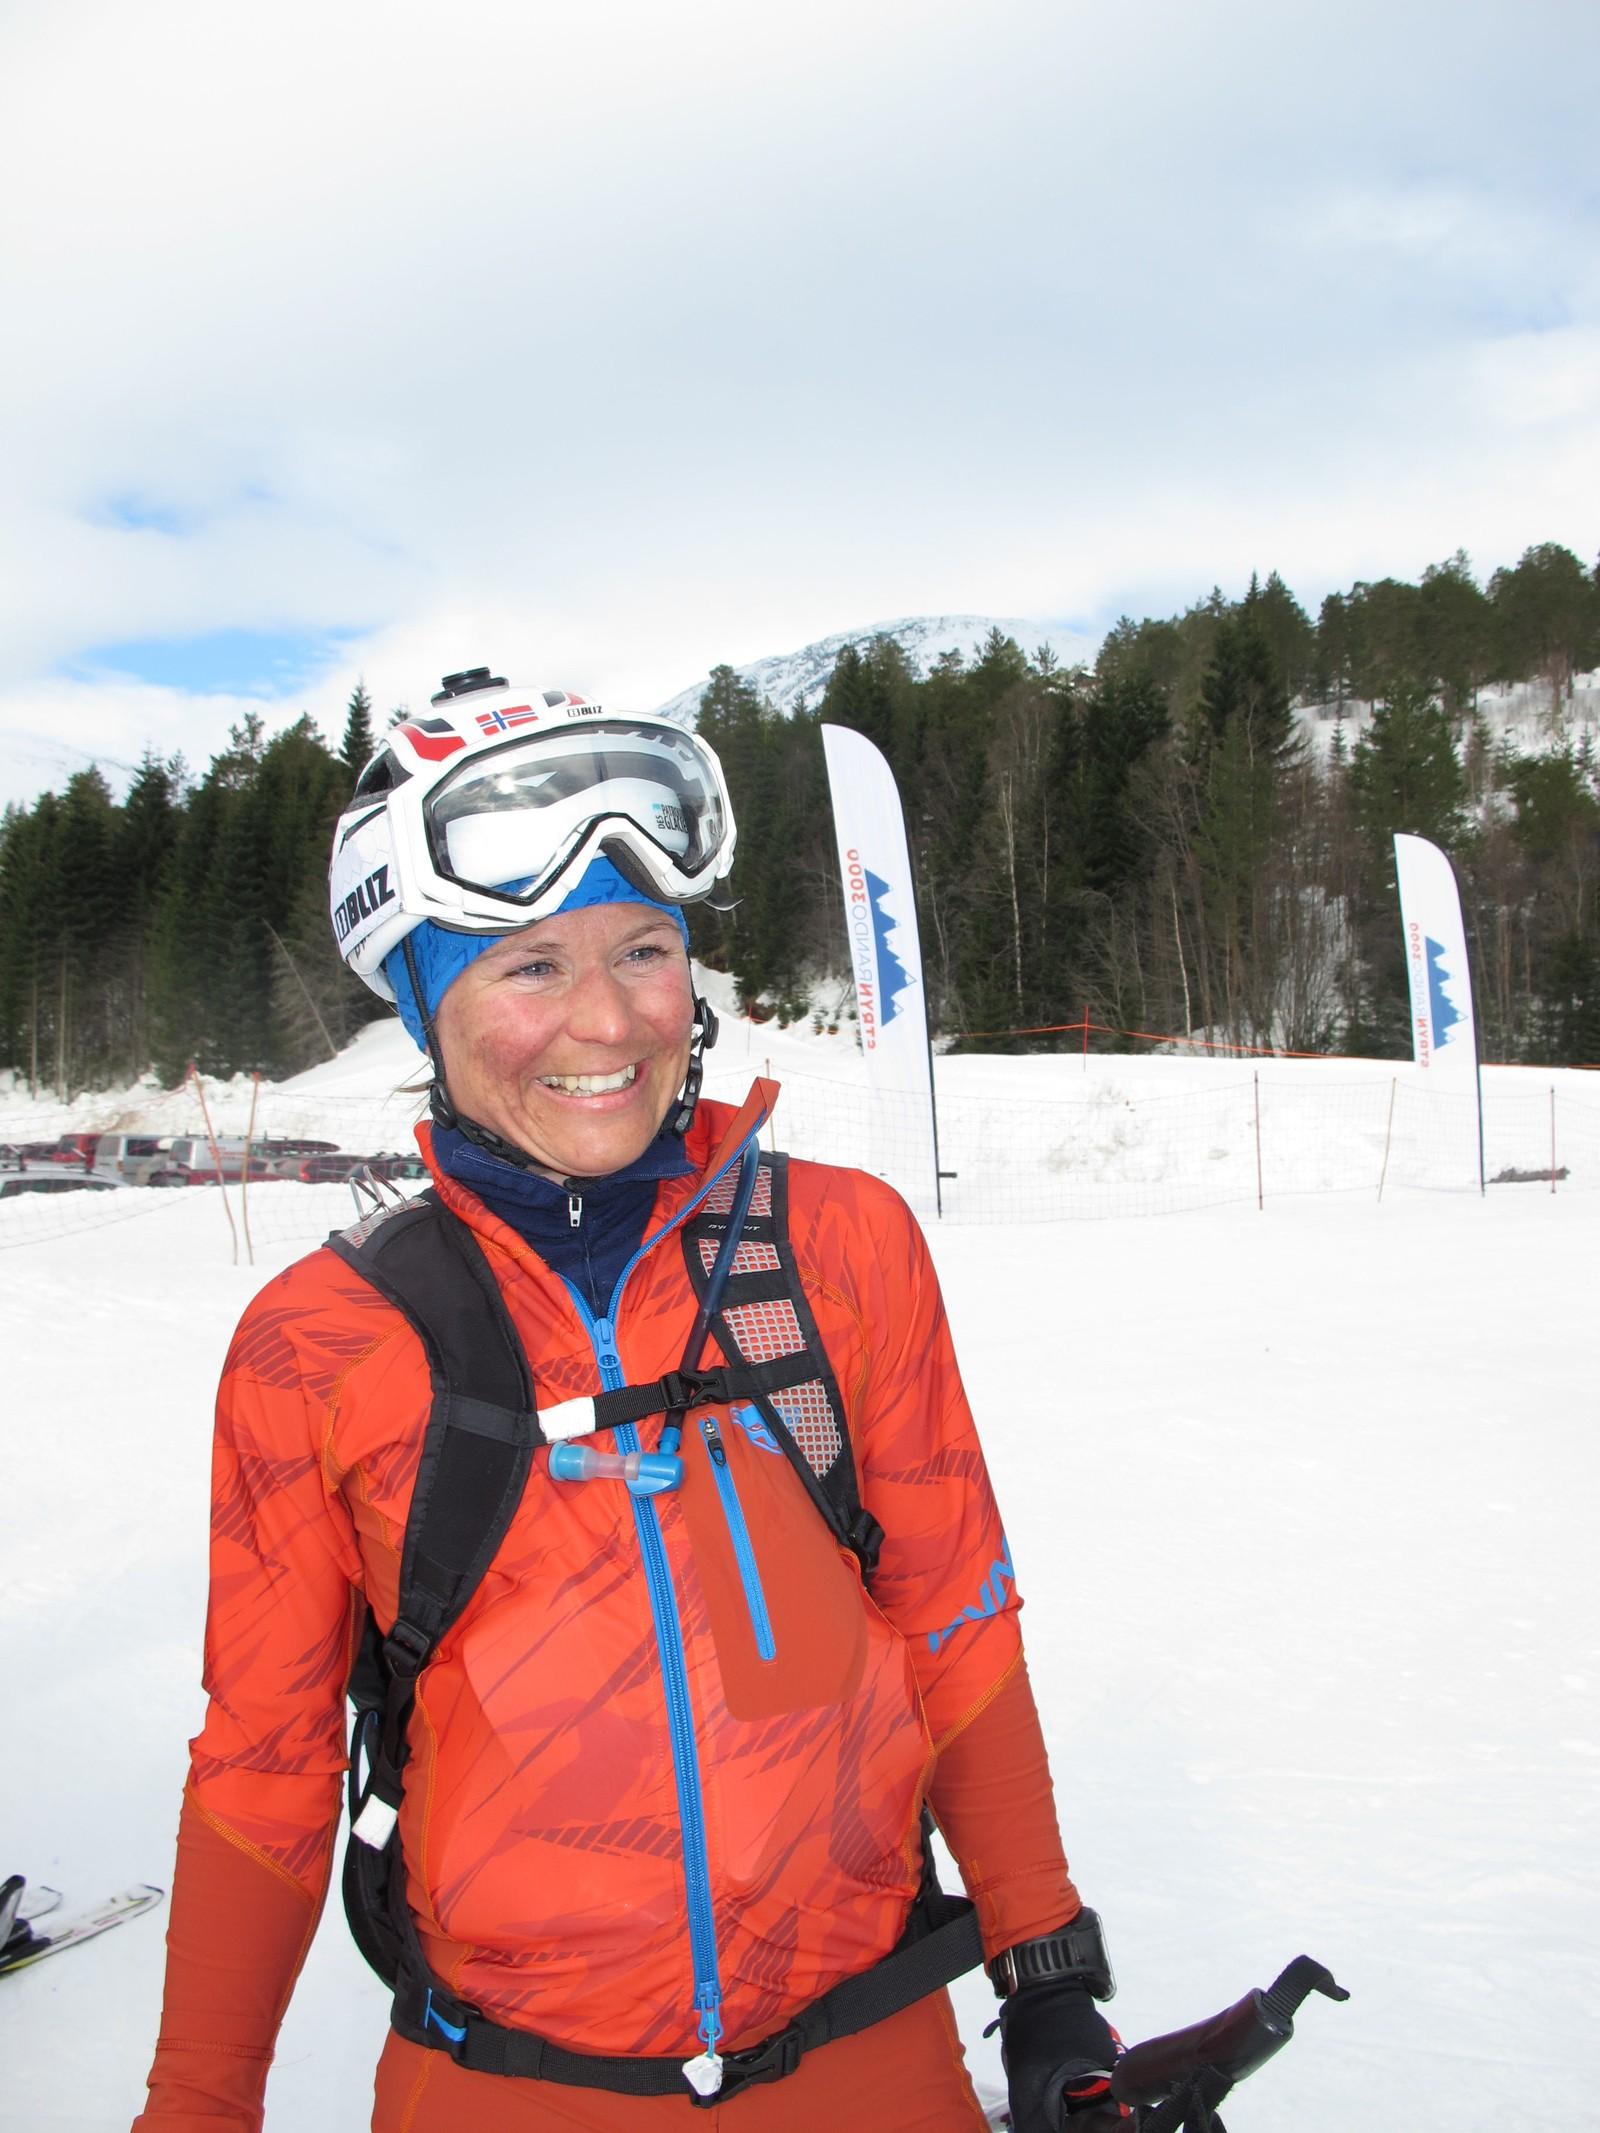 Vinnar i dameklassen, Hildegunn Gjertrud Hovdenak frå Romsdal Randonee.